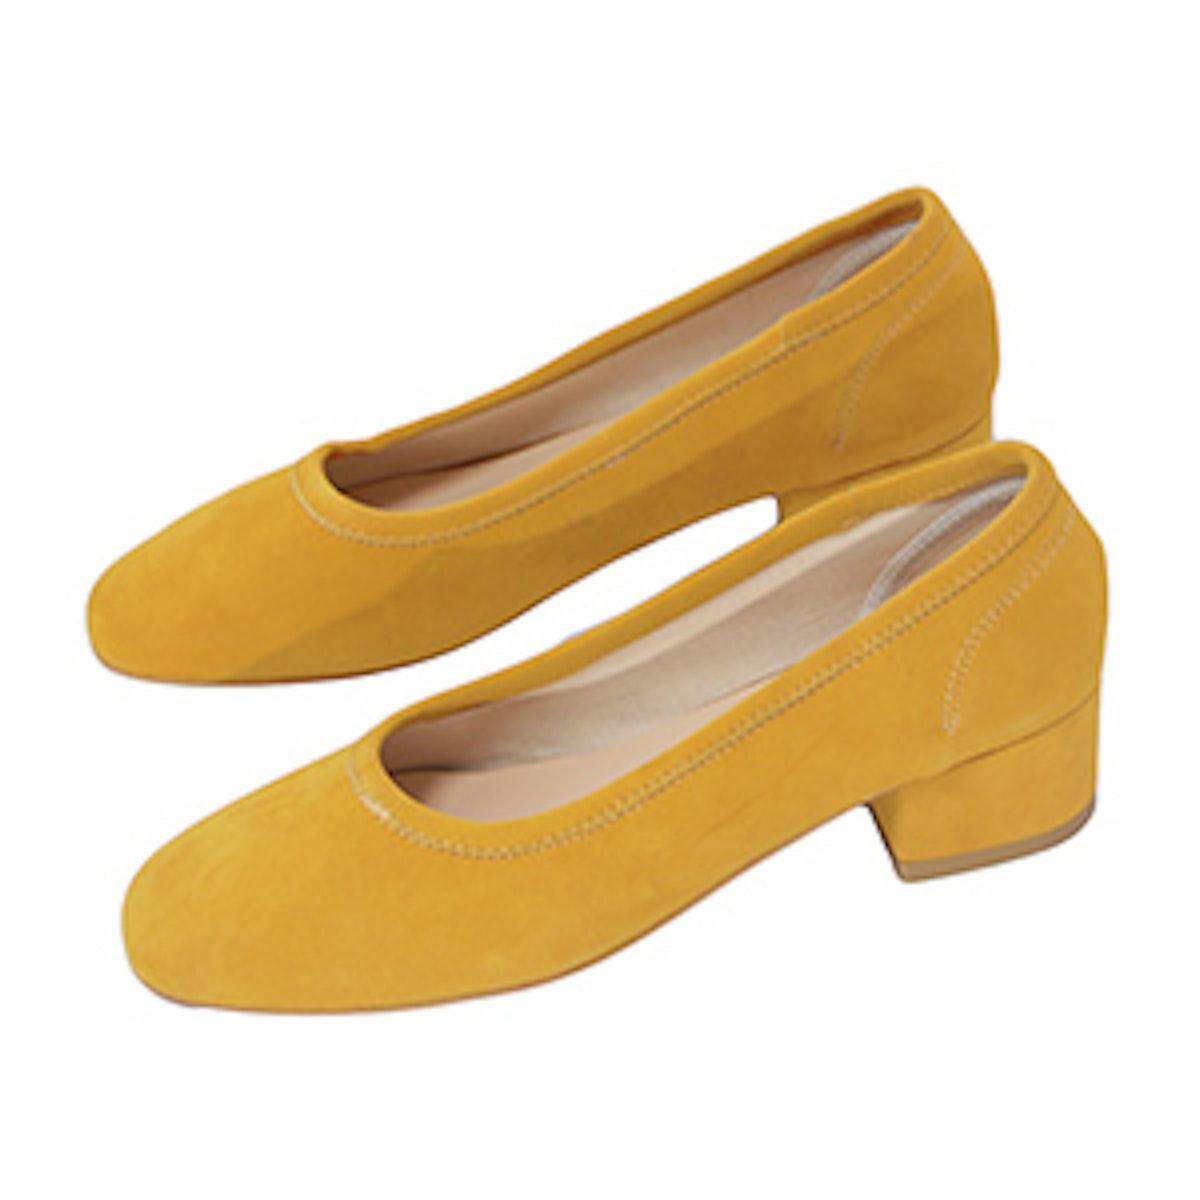 Sheepskin Socks Flat Heel